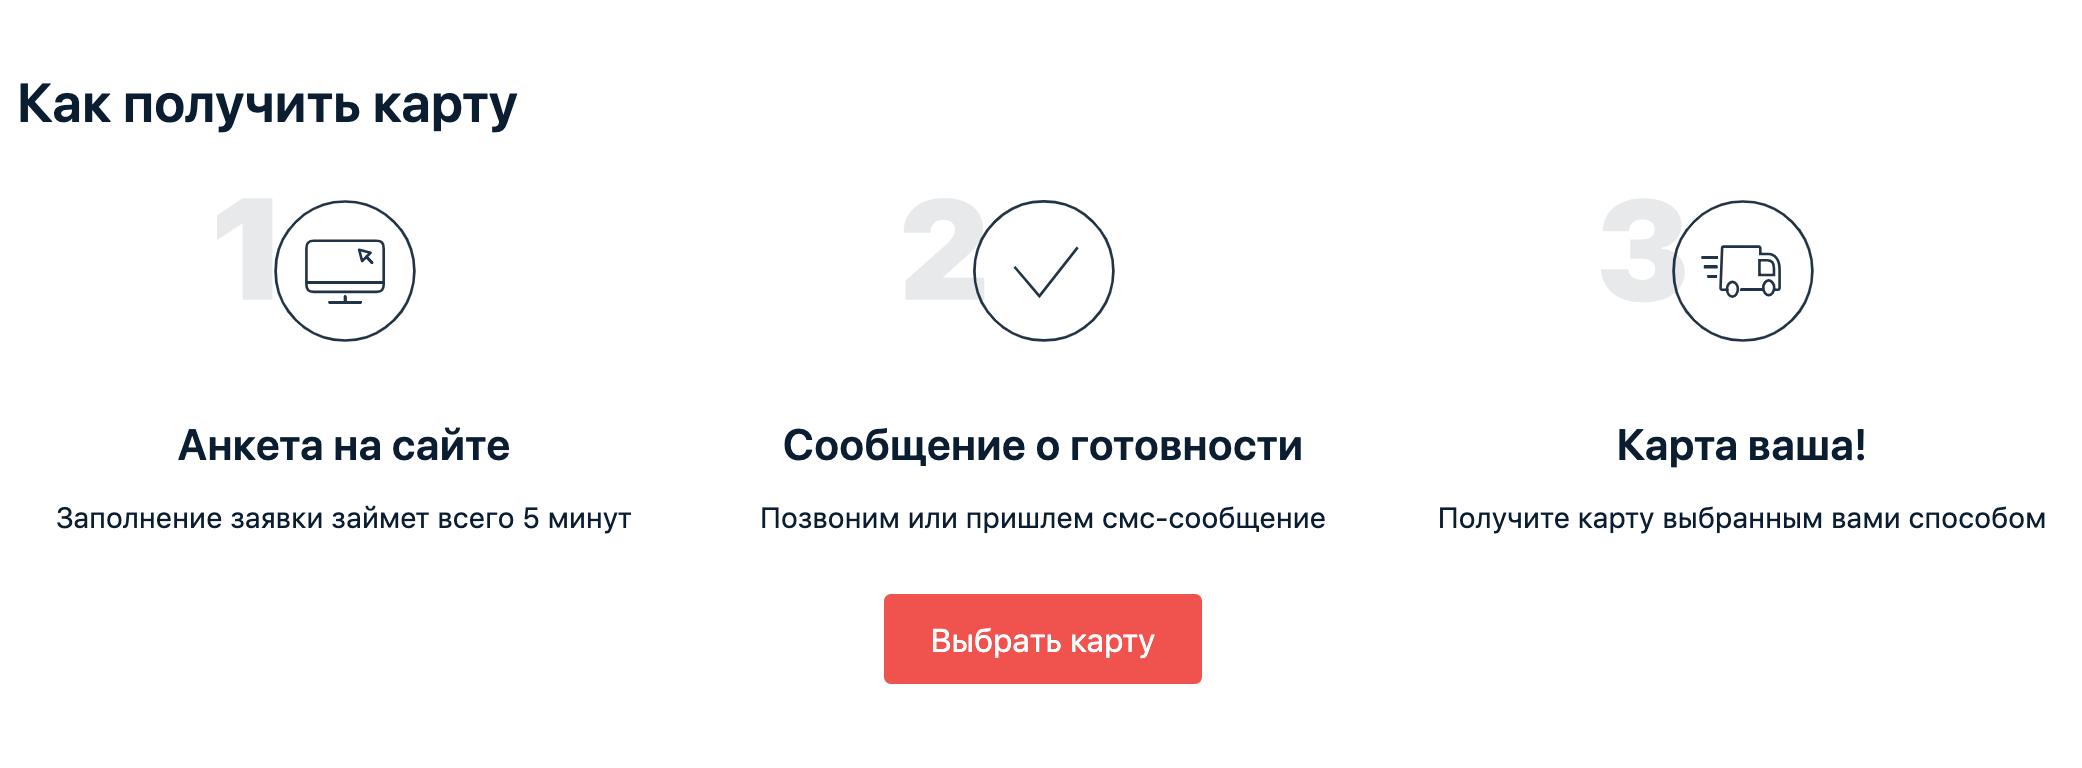 Скачать восточный банк онлайн